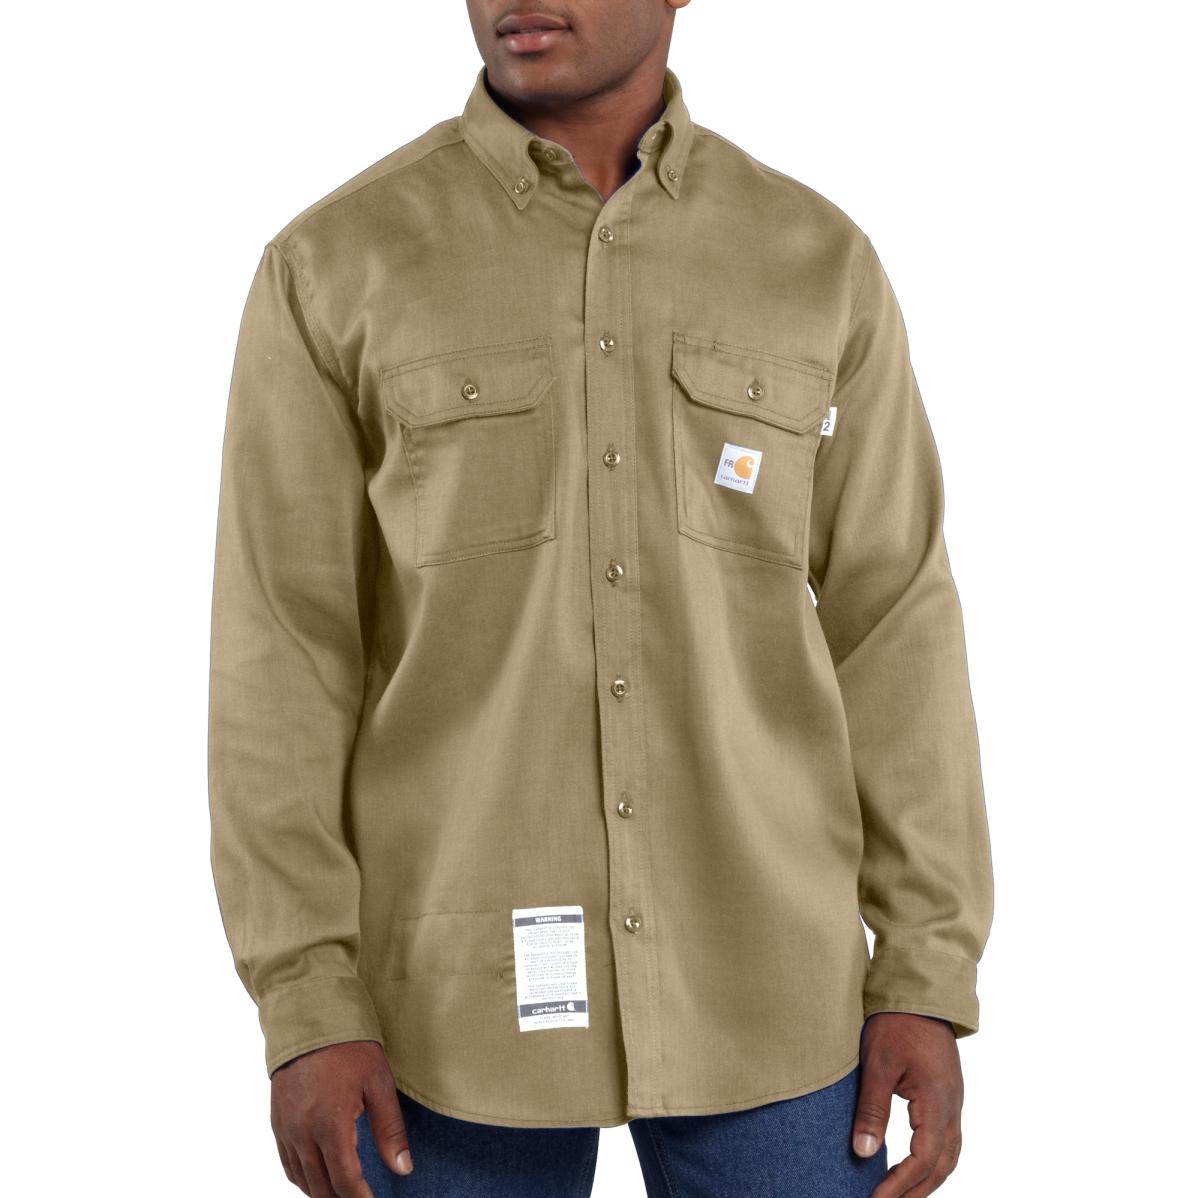 Carhartt FR Lightweigt Twill Shirt-Carhartt